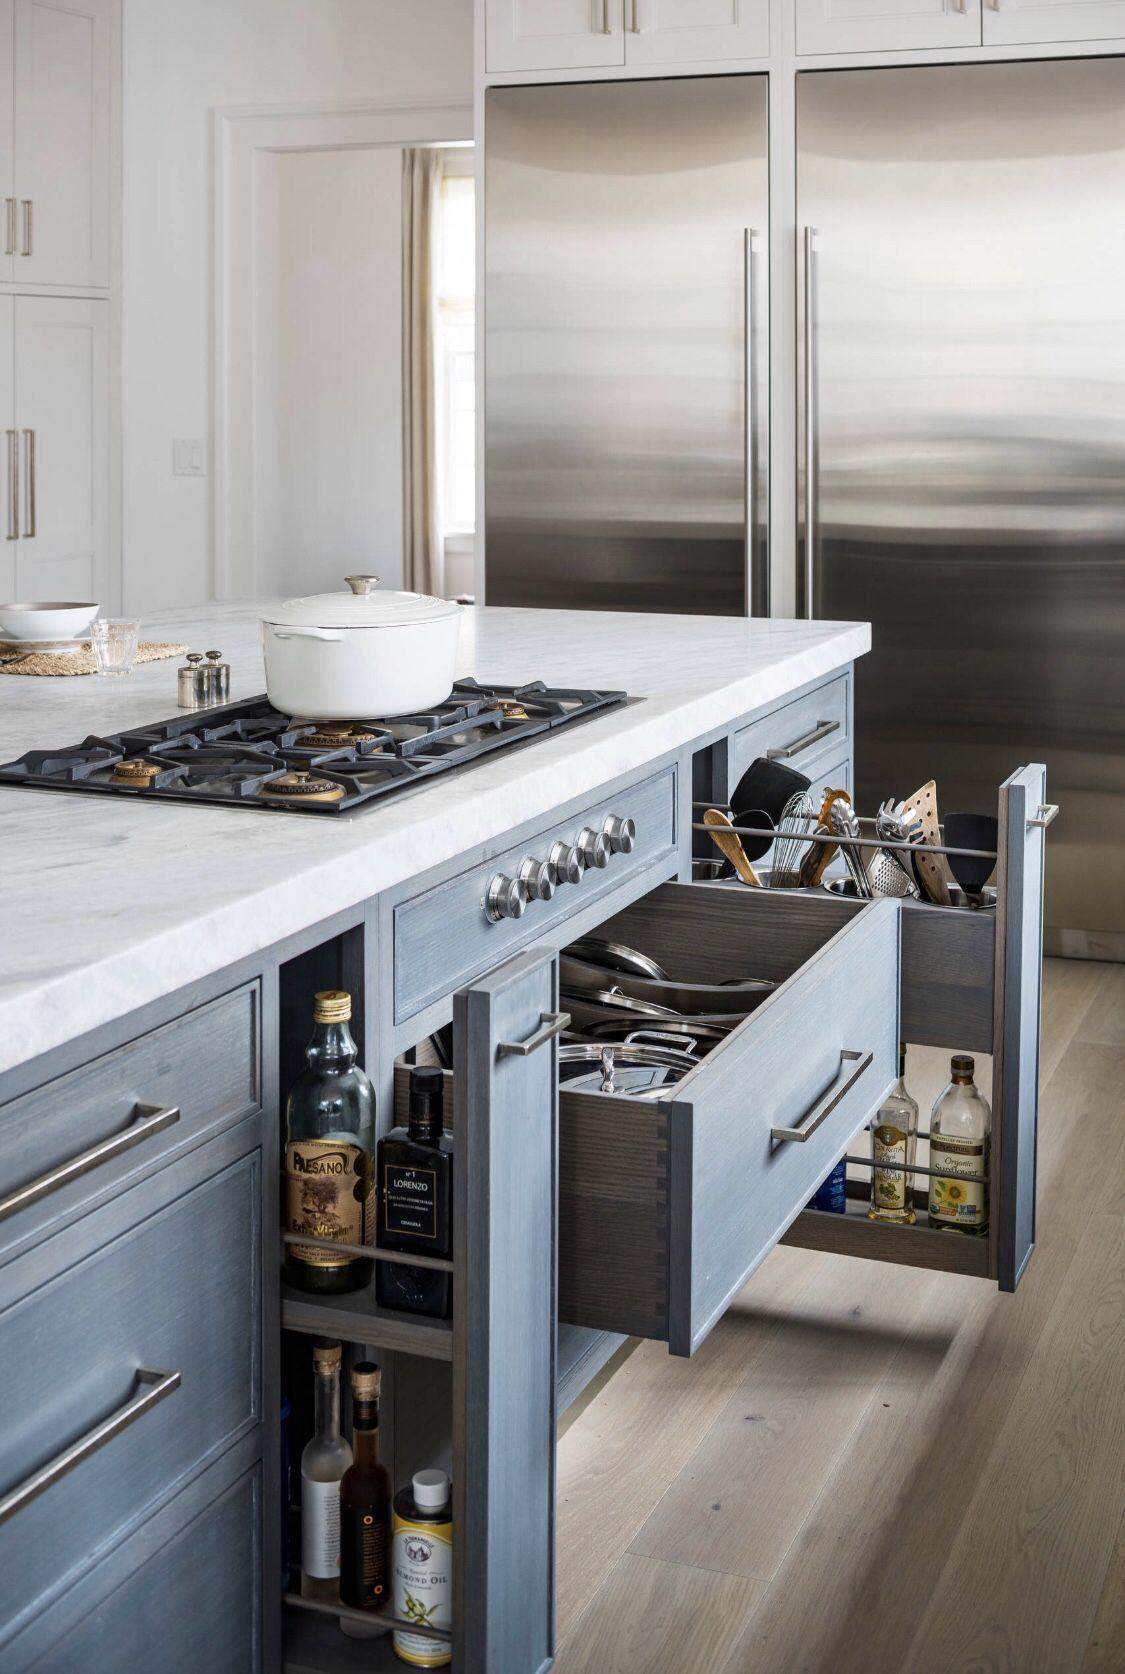 How Not To Design Your Kitchen Kitchen Island Storage Kitchen